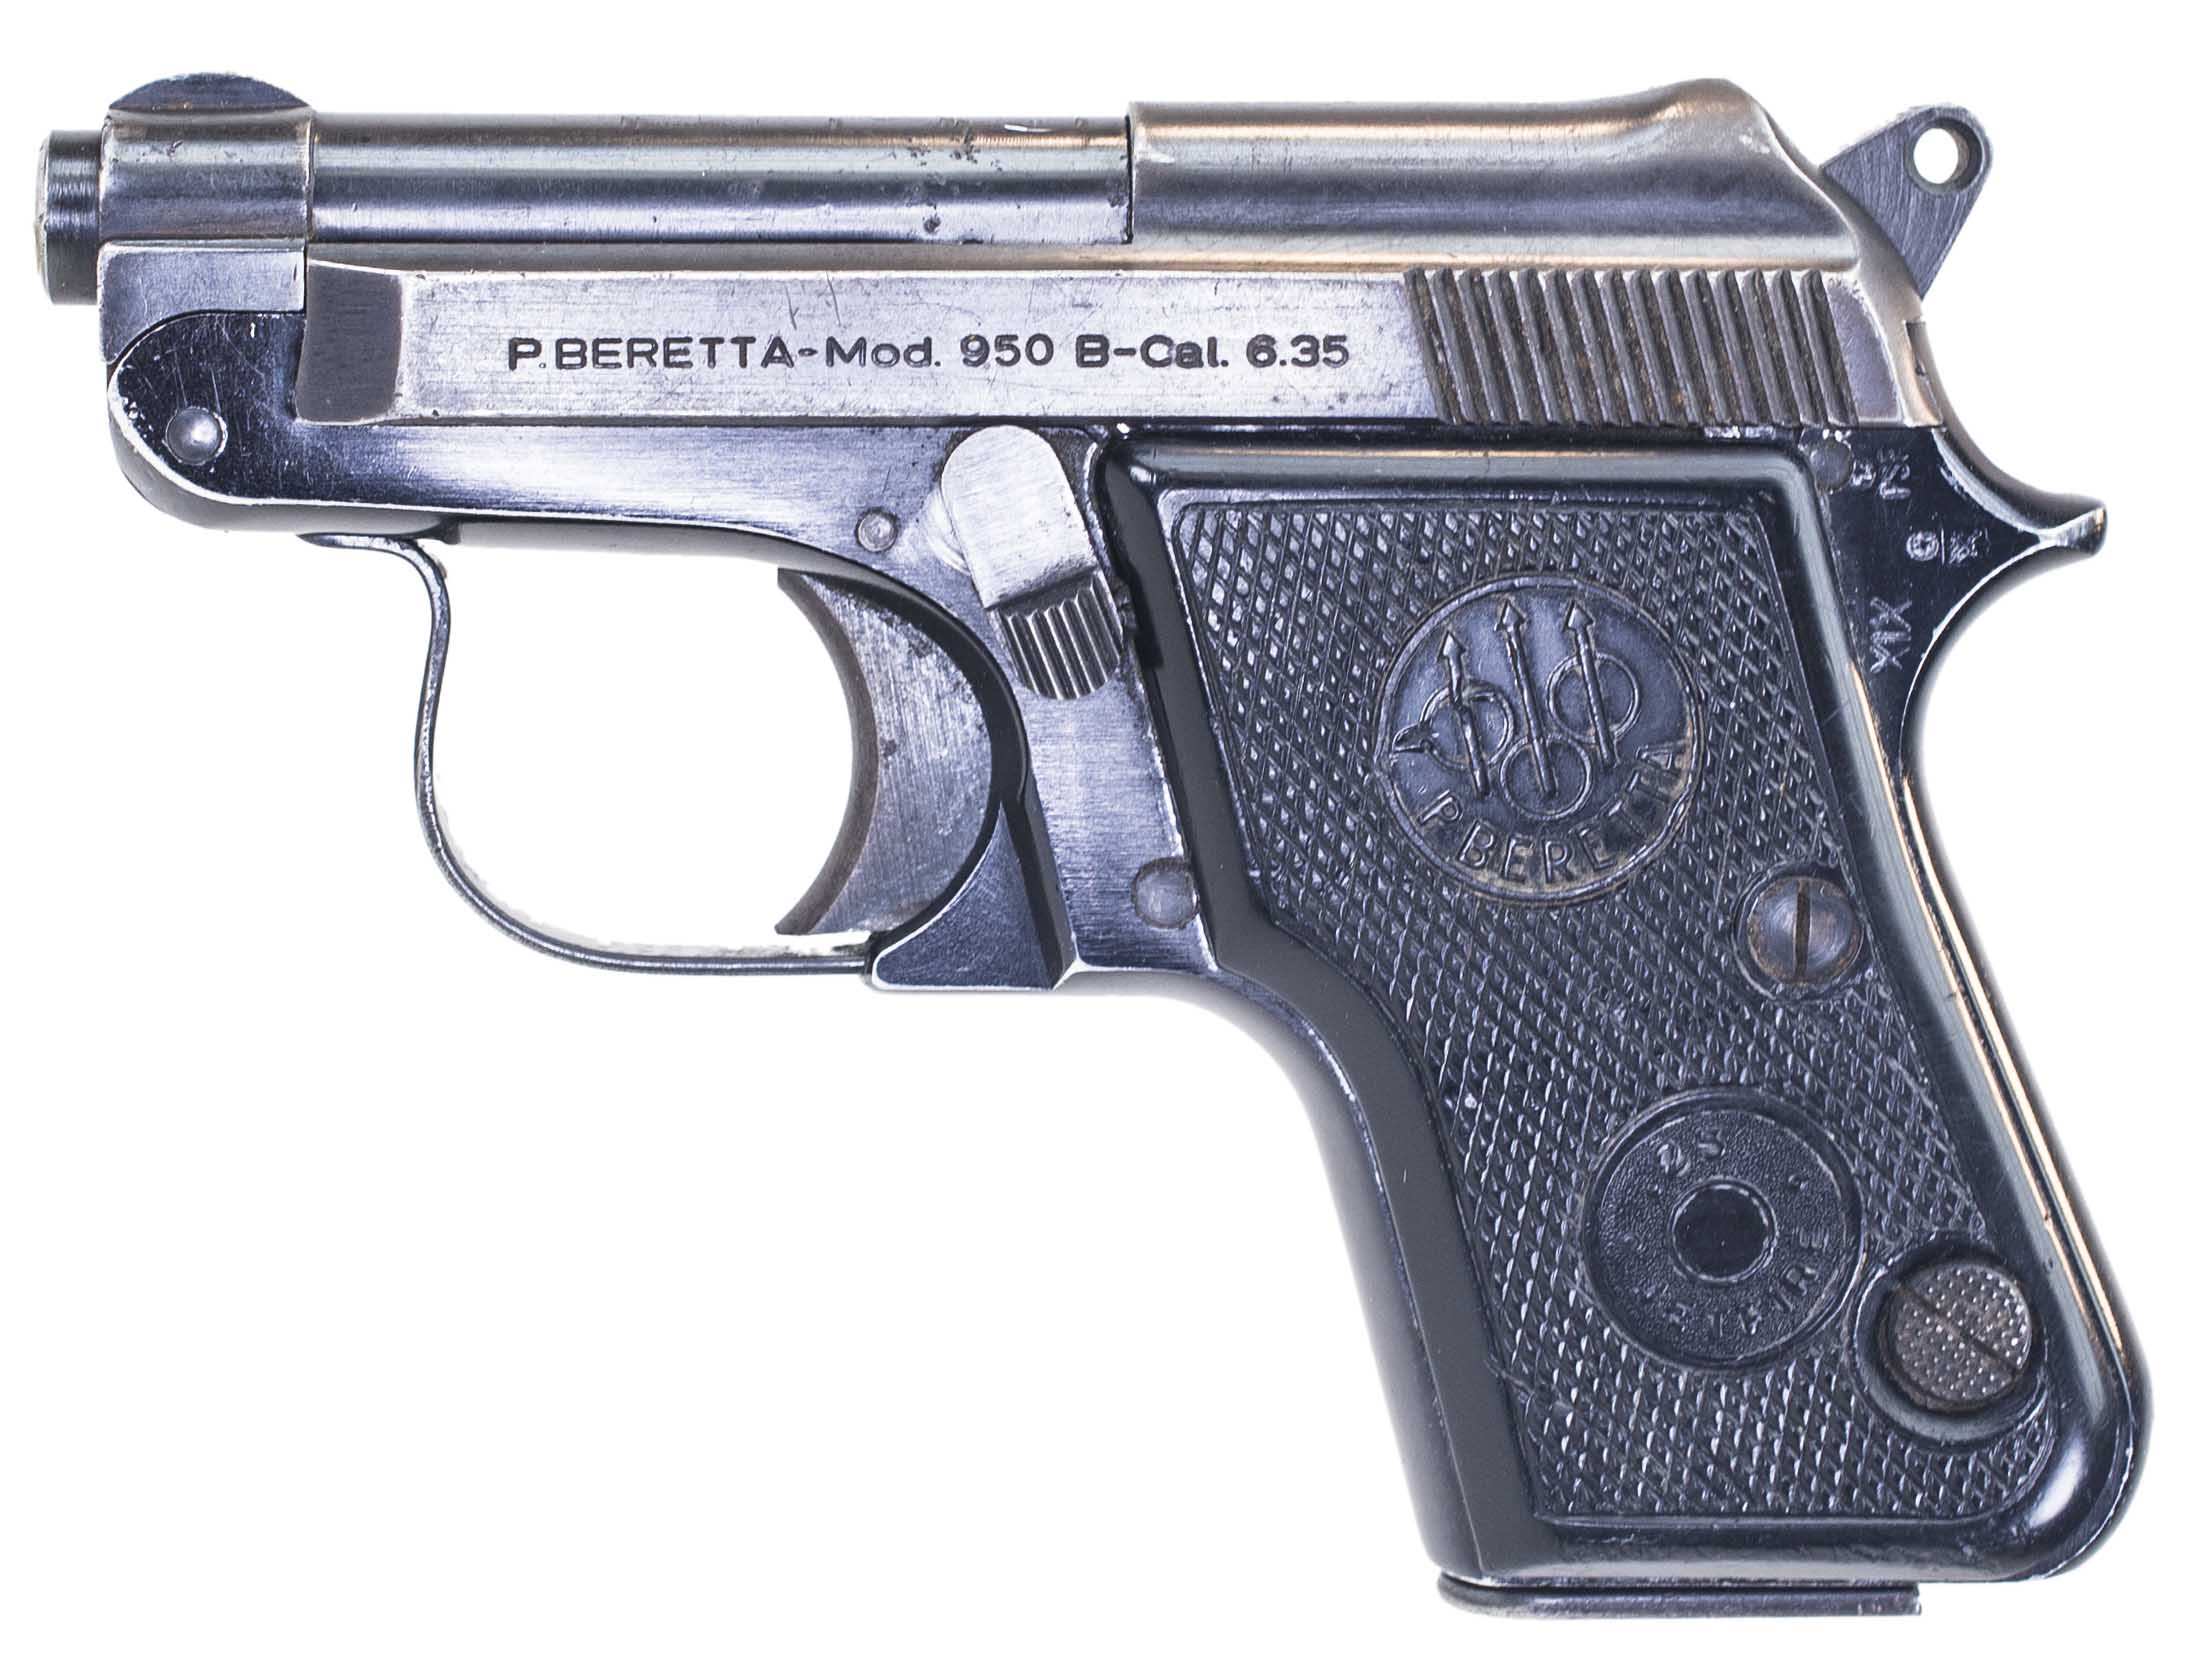 BERETTA 950B 25ACP (Auction ID: 6254140, End Time : Dec  16